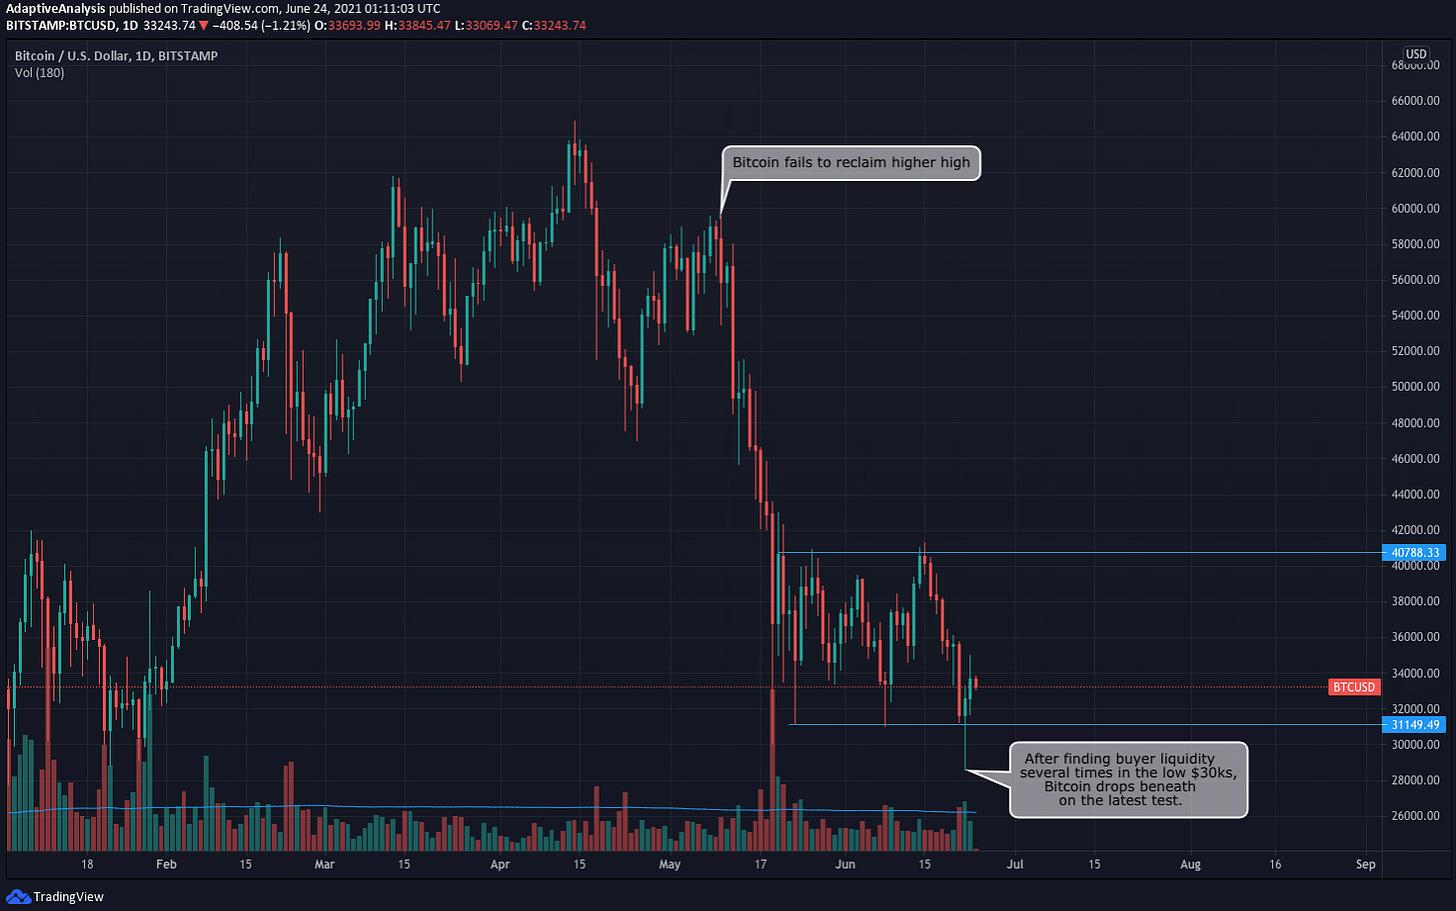 Bitcoin price enters range